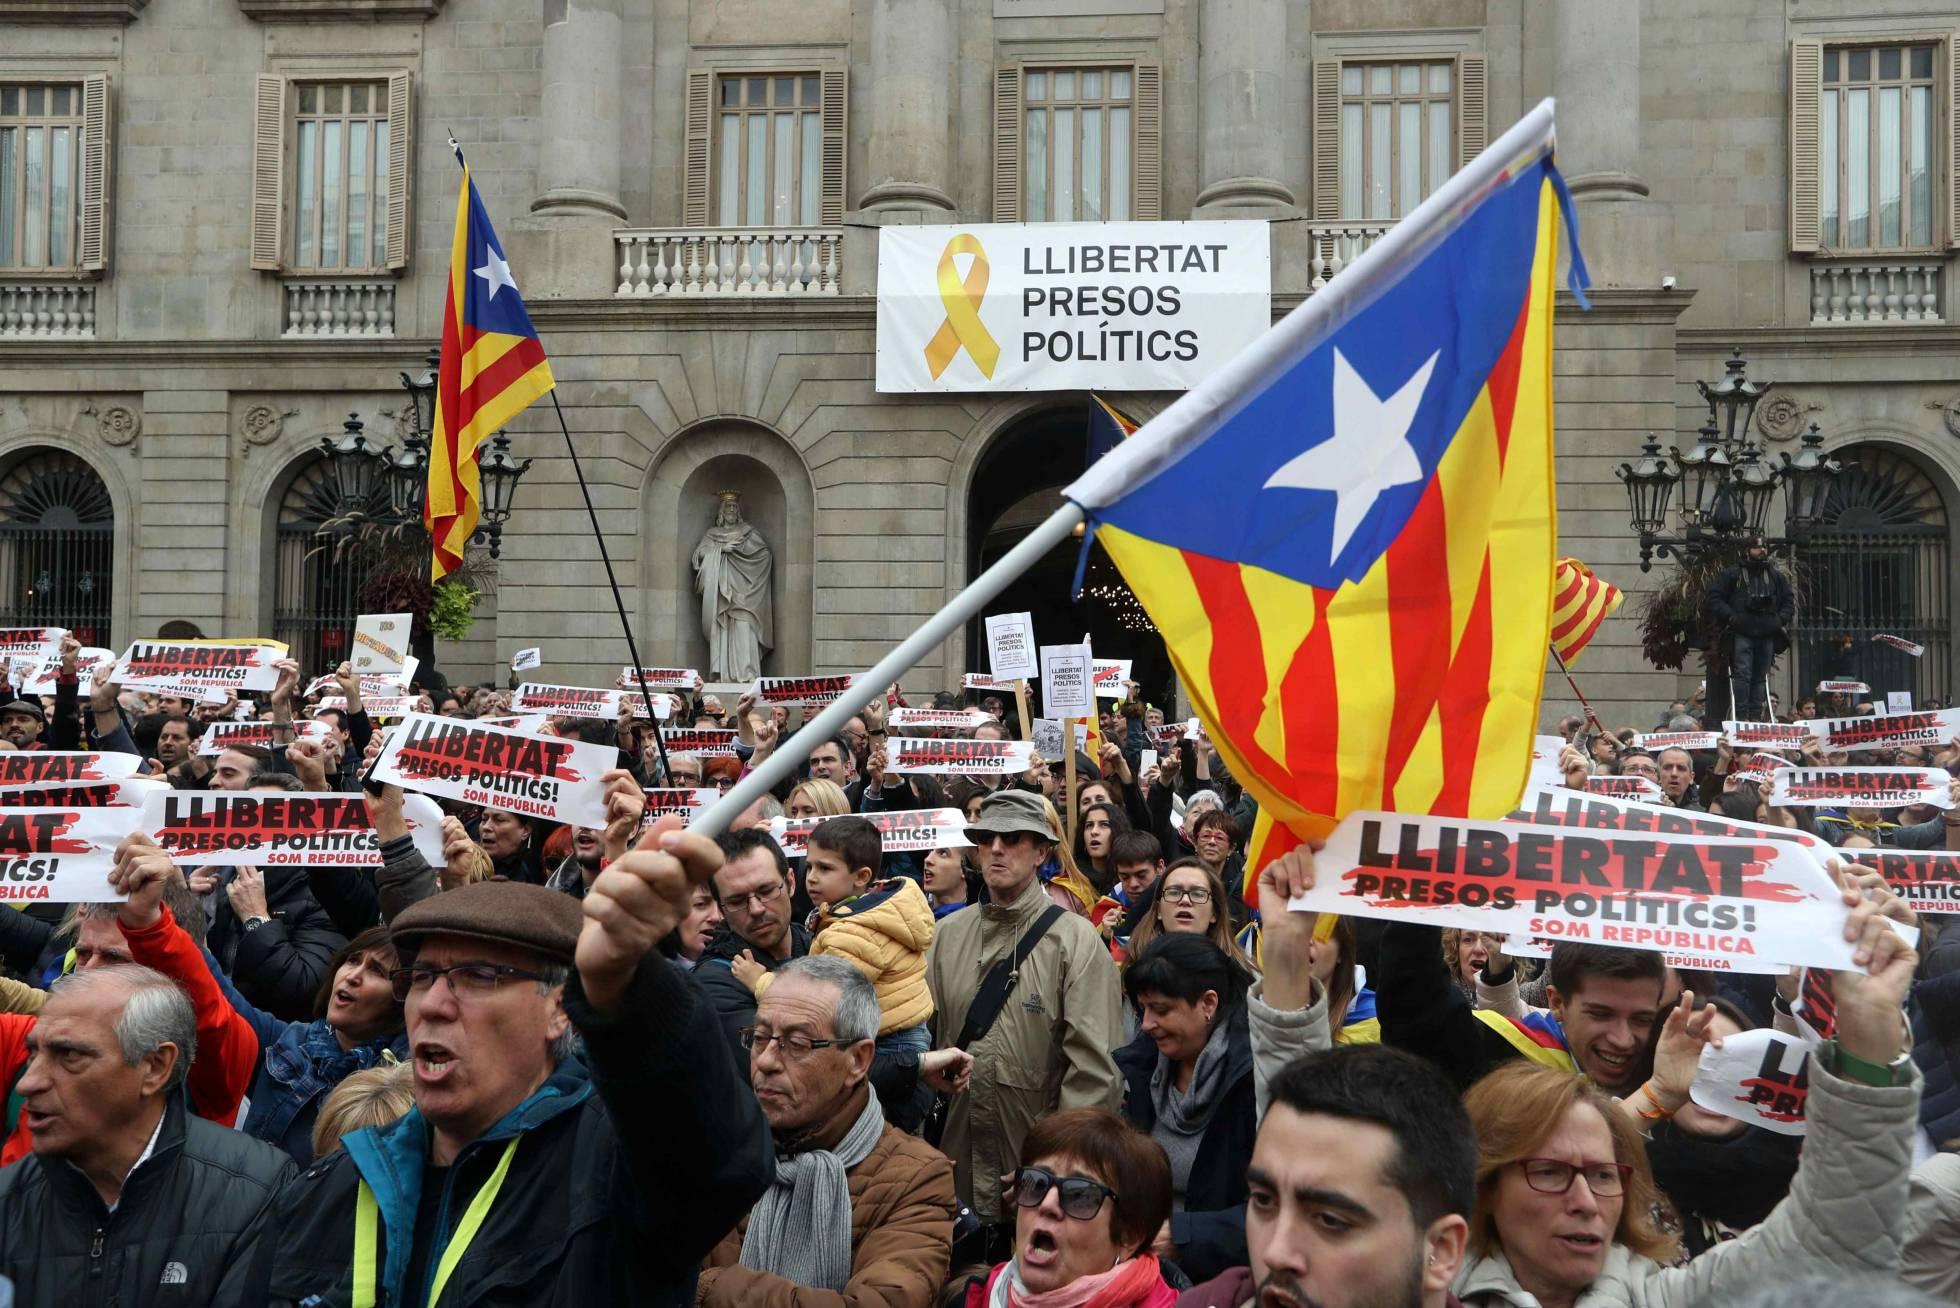 http://www.enbata.info/wp-content/uploads/2017/12/Barcelona.jpg